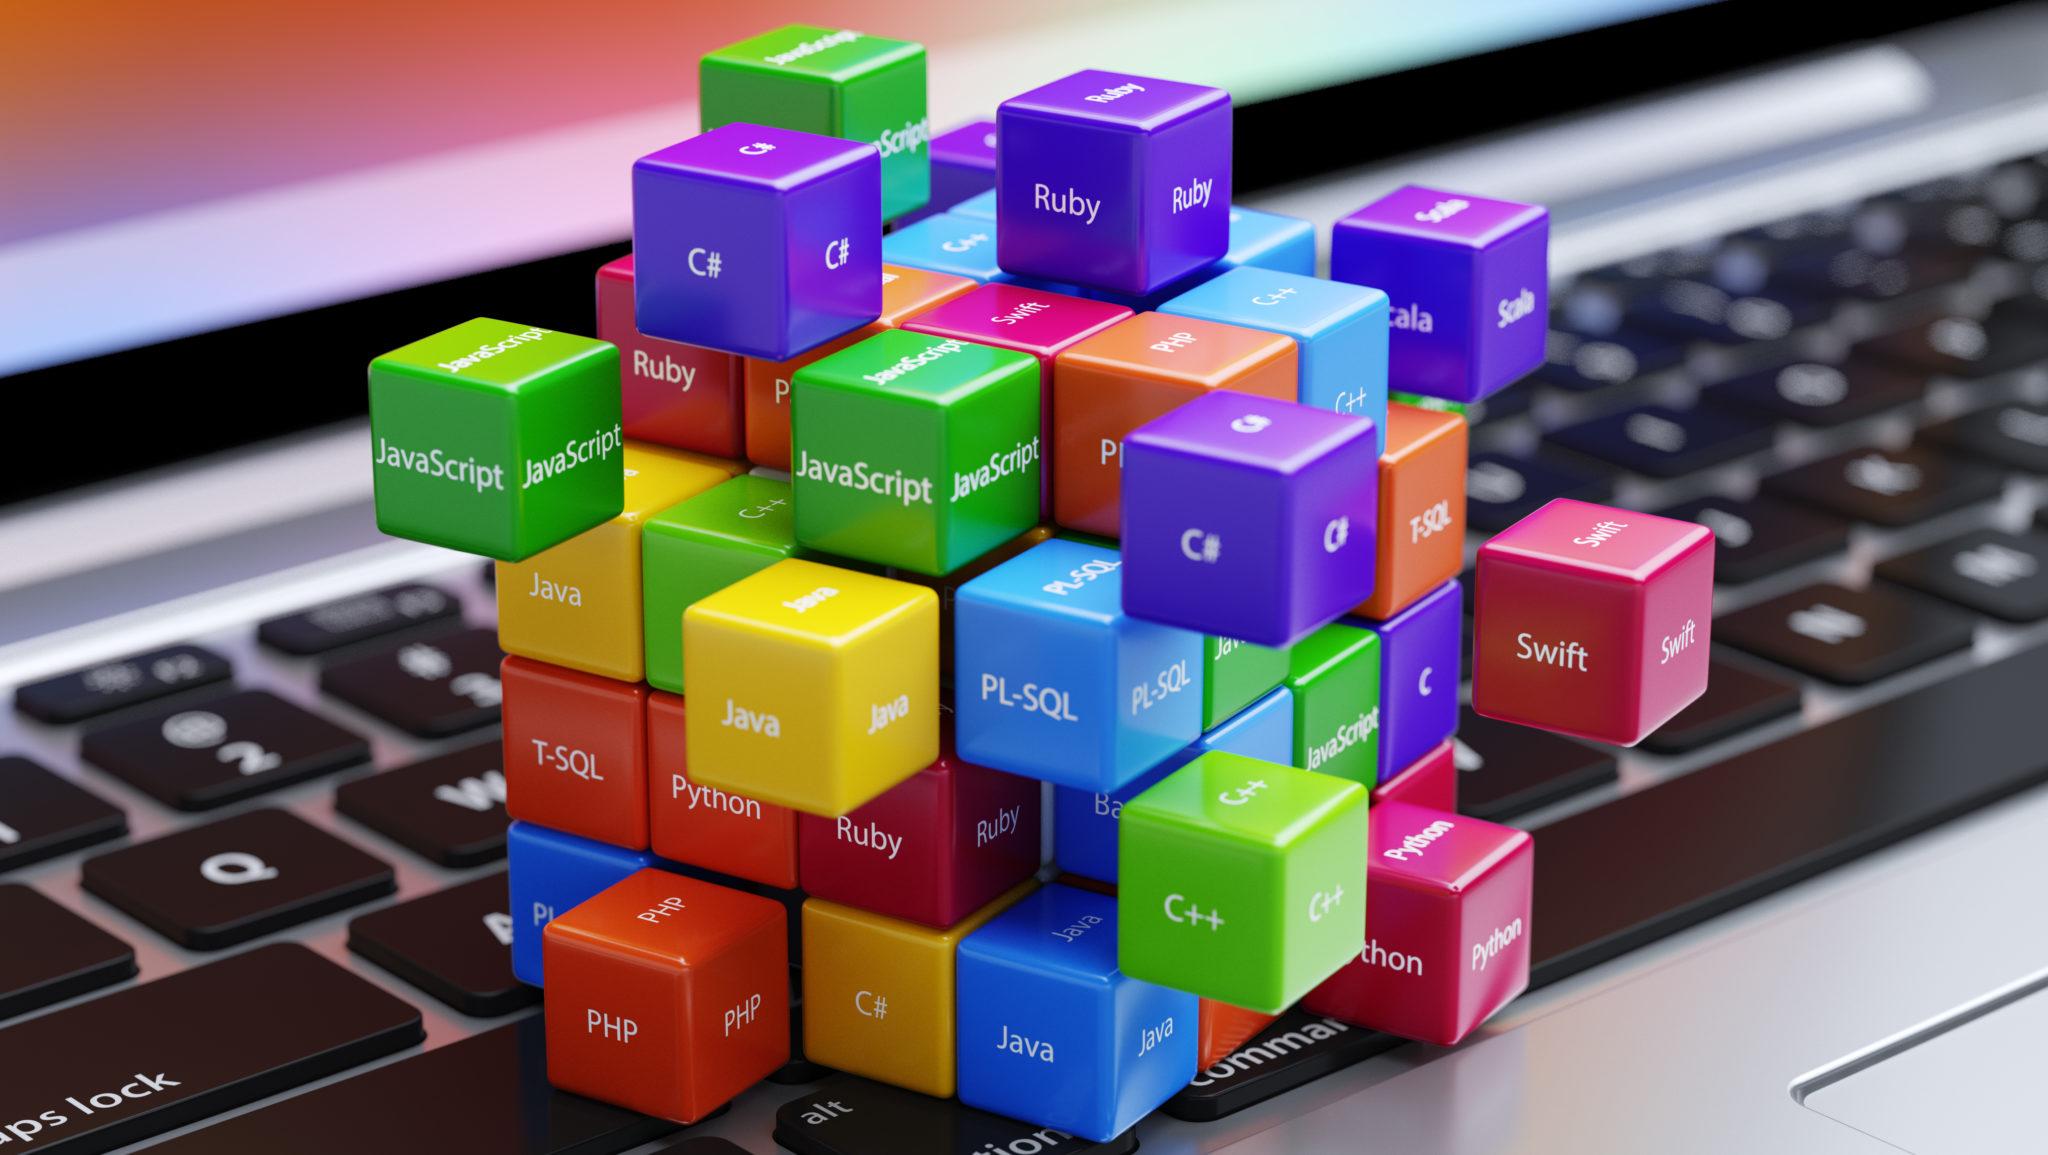 نگاهی به گرایش های برنامه نویسی و زبان آنها